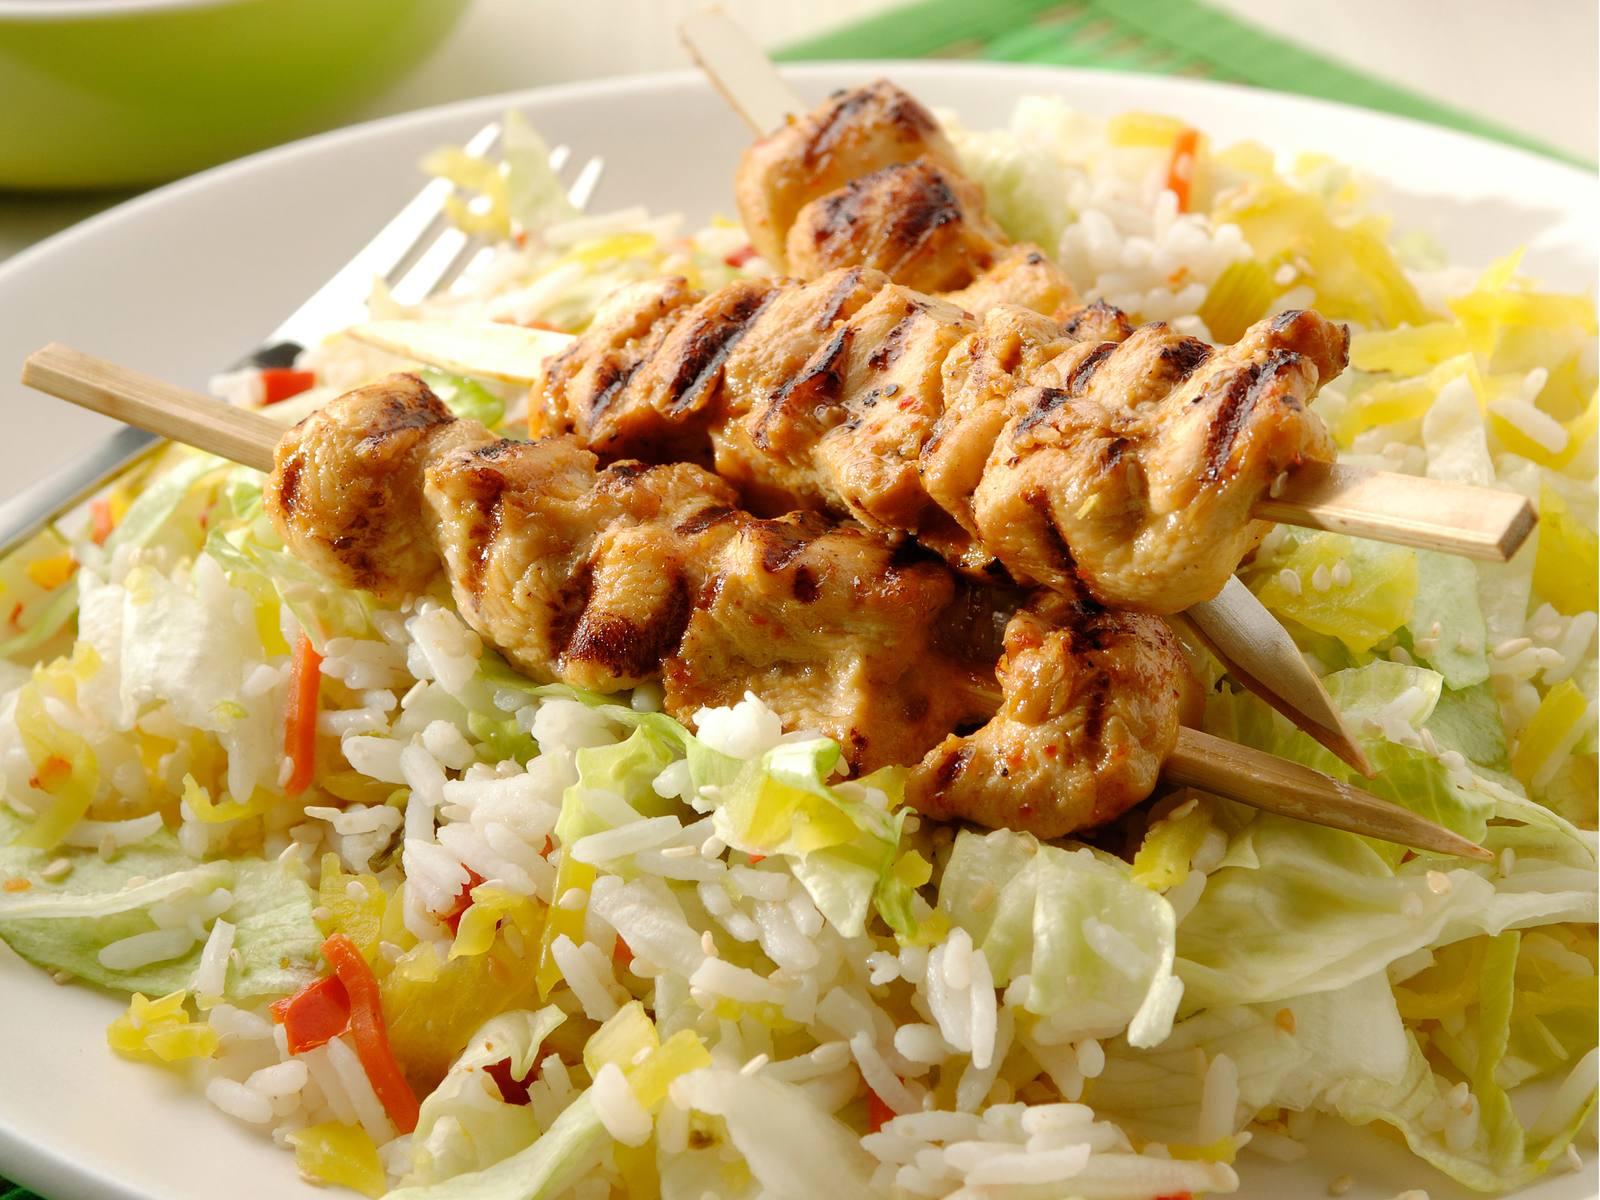 BBQ Kipsaté met atjar rijstsalade